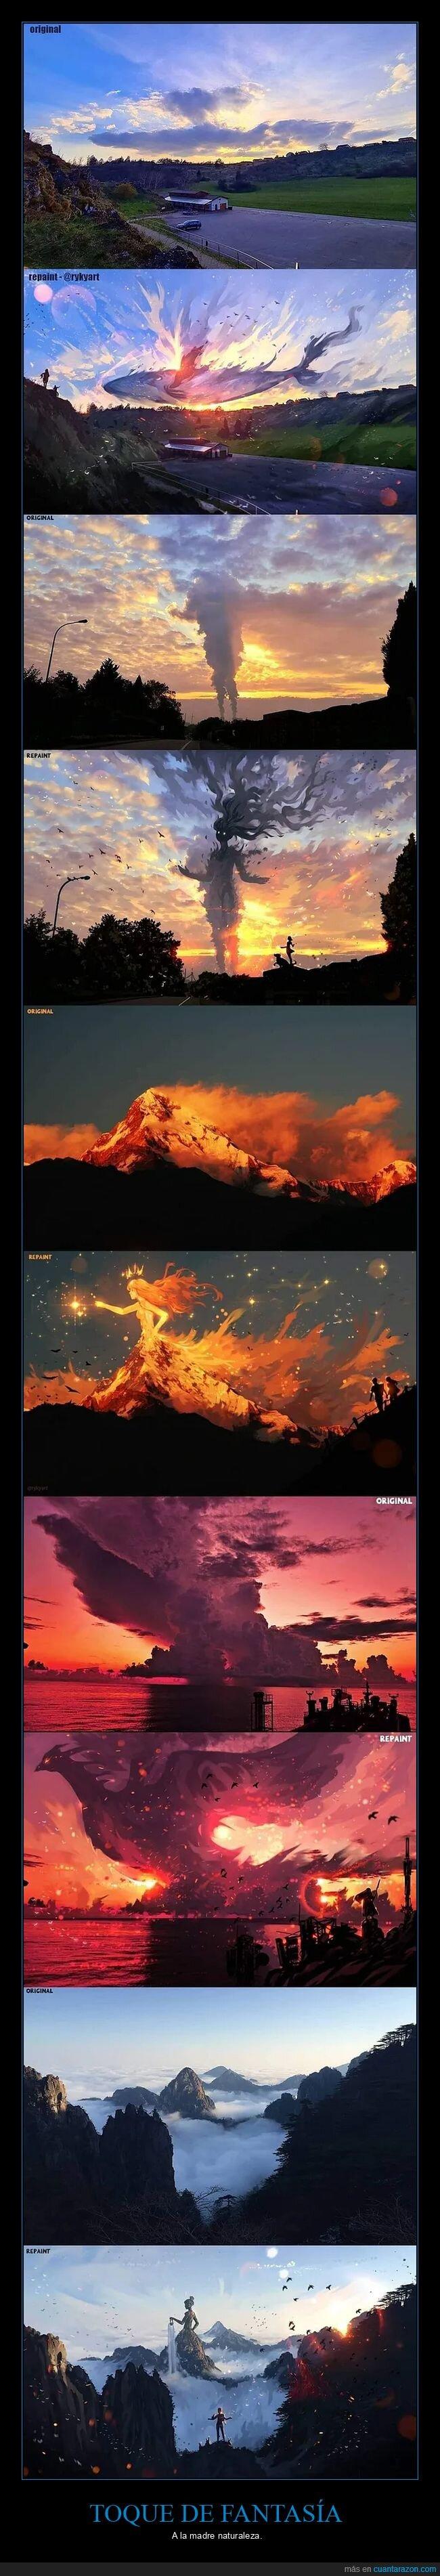 fantasía,naturaleza,photoshop